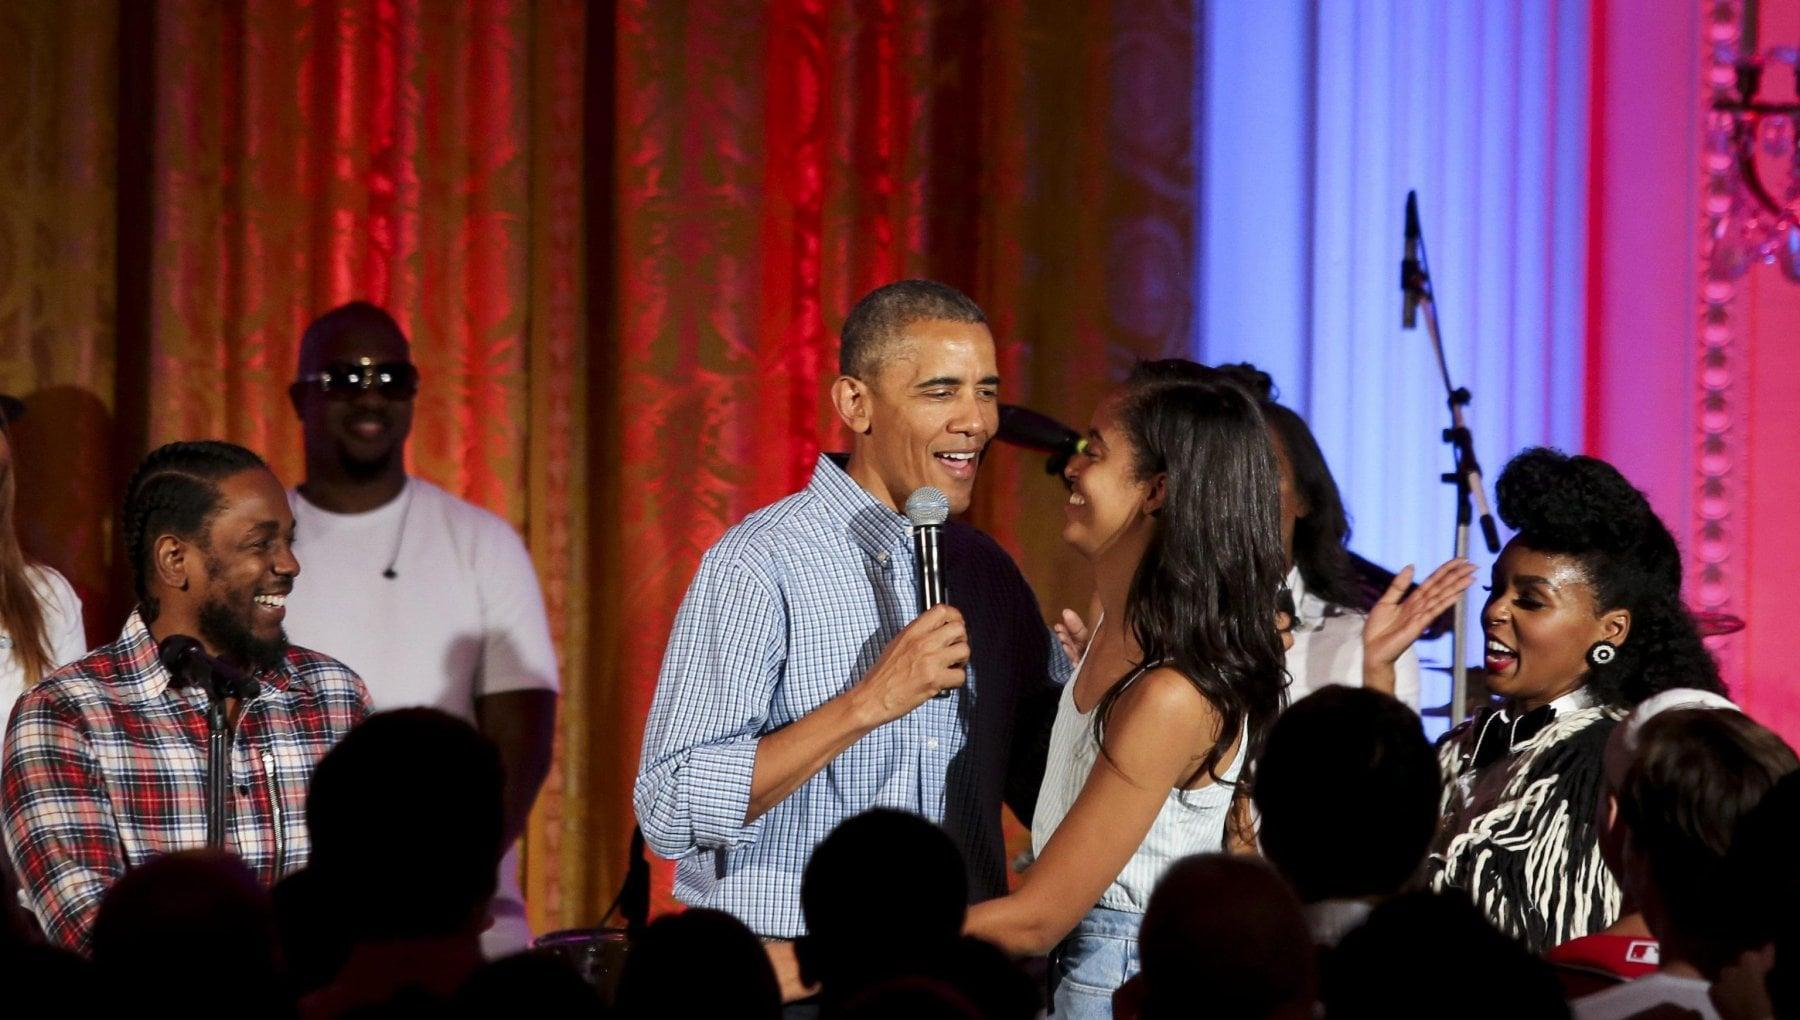 213604994 124bd5d6 5437 46a8 900f 5f982ddb66d3 - Da Clooney a Spielberg, la gran festa con le star per i 60 anni di Obama